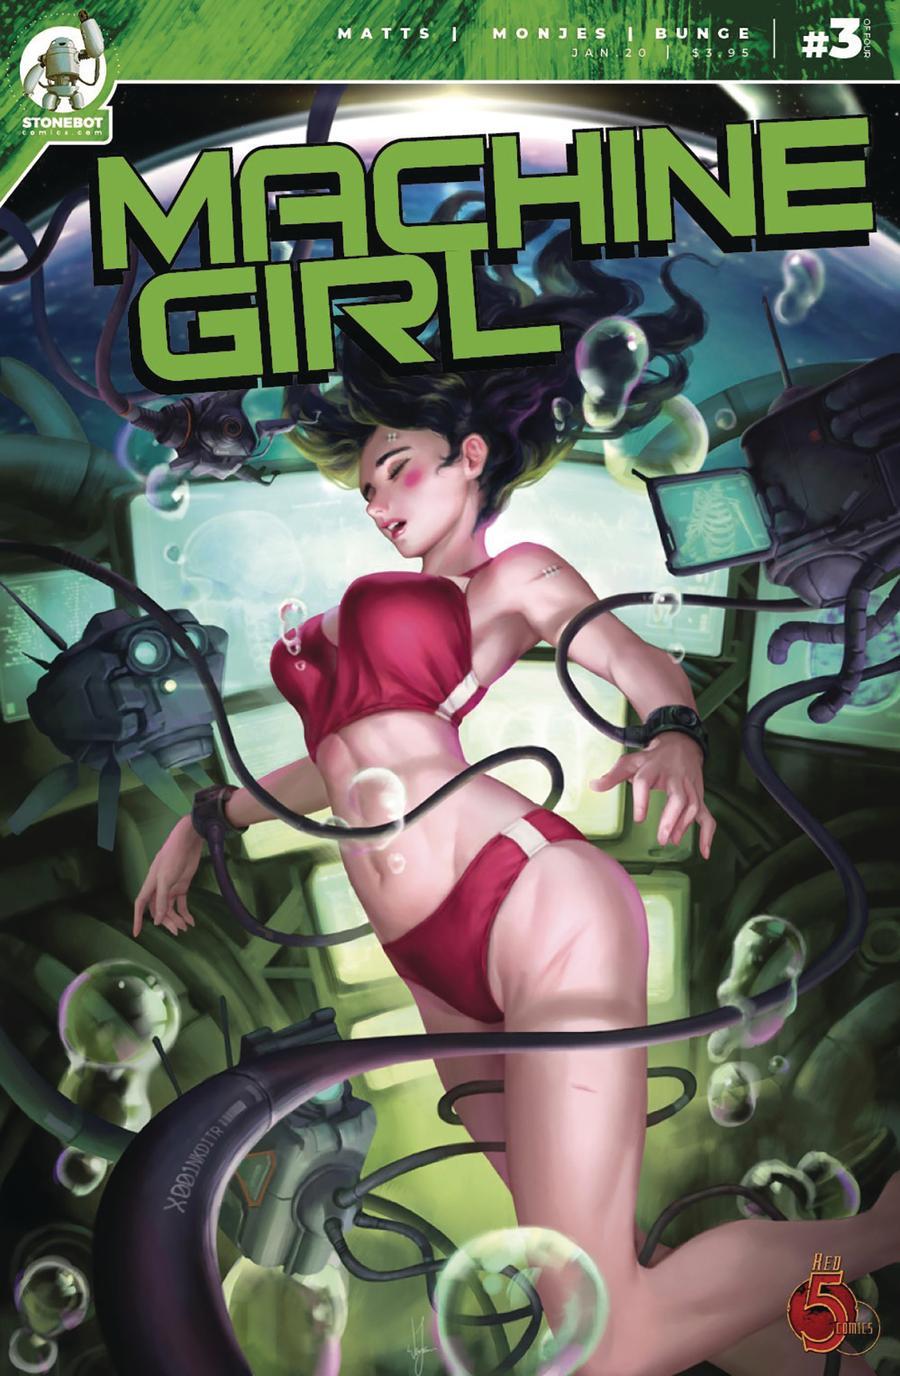 Machine Girl #3